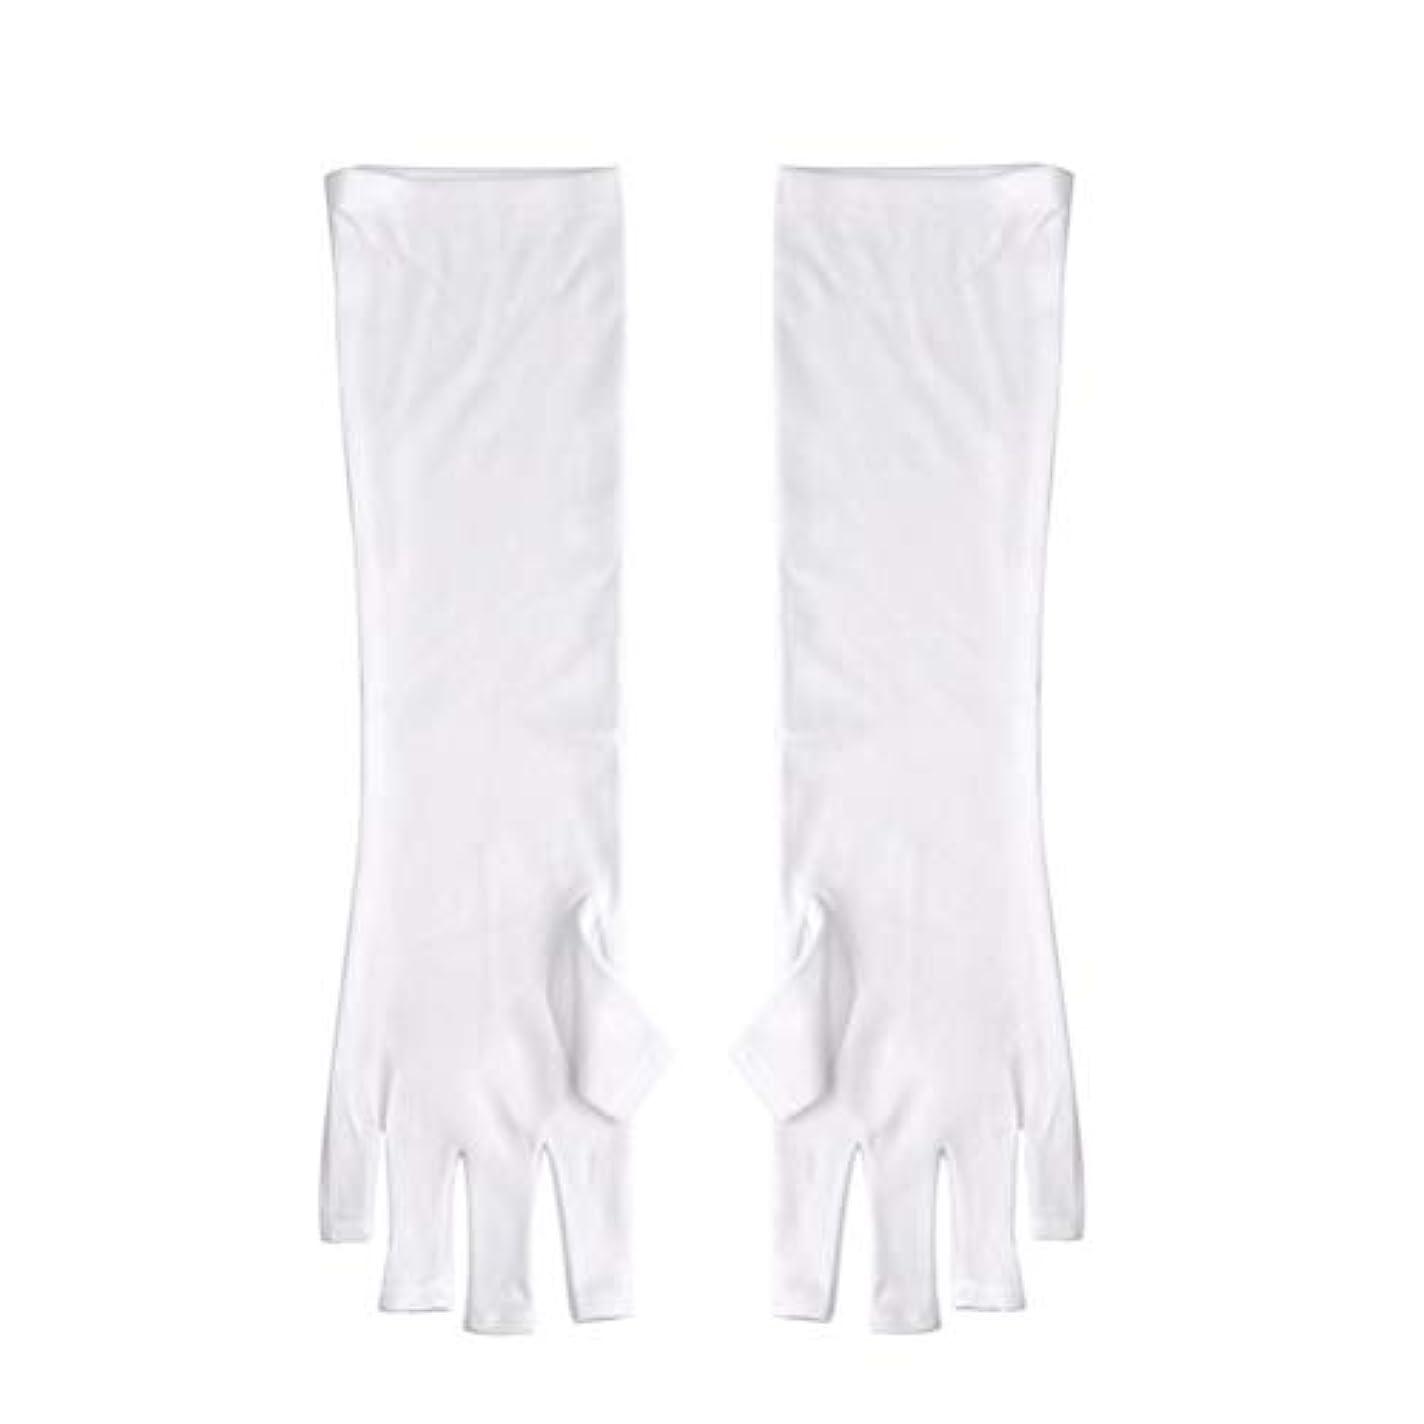 アラブチャームワイプFrcolor ネイルUVシールド手袋 ネイルアートグローブ 紫外線防止 マニキュア抗UVグローブ 半指 手保護 マニキュアドライヤーツール